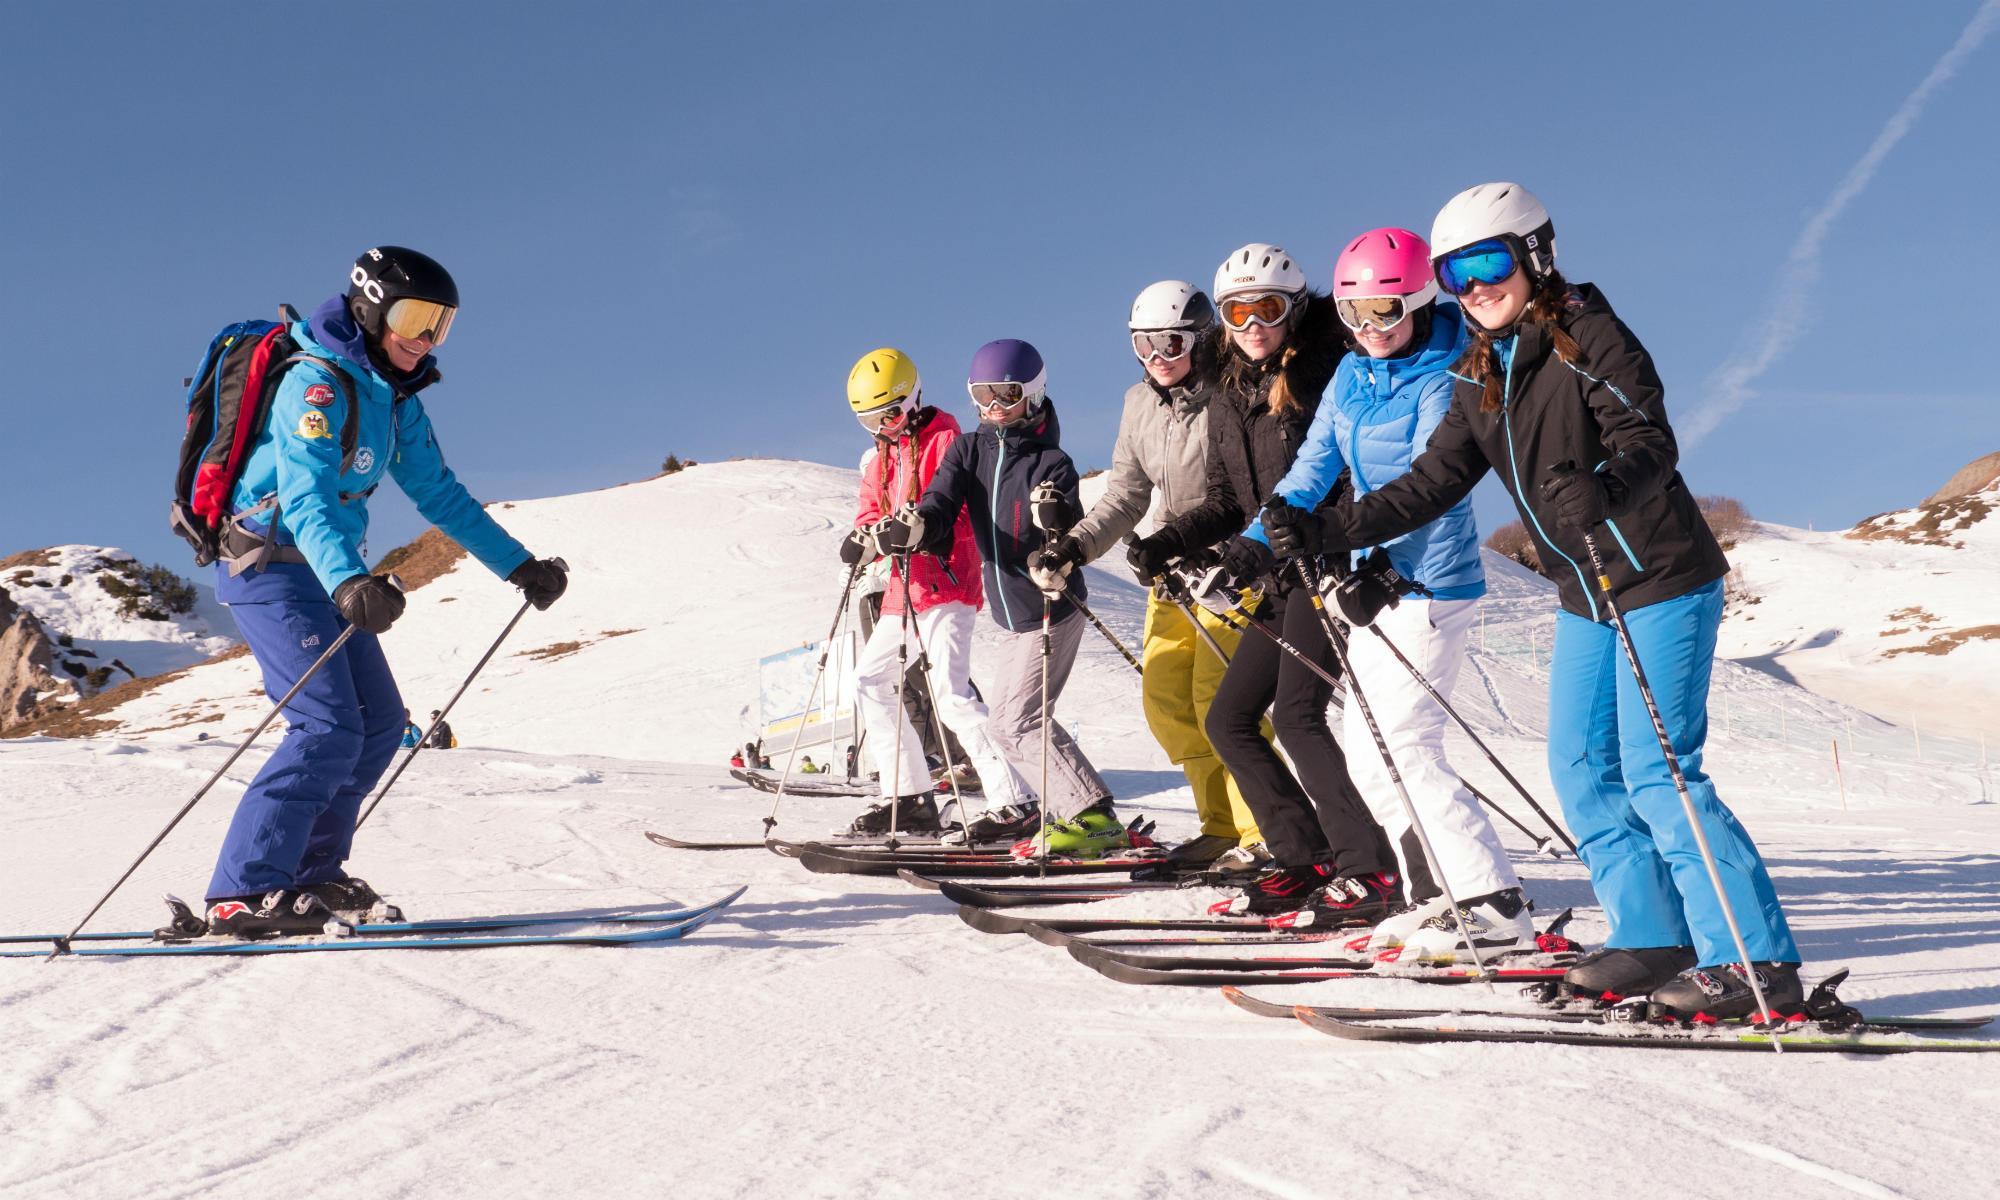 Un groupe d'adolescents lors d'un cours de ski sur une piste ensoleillée.